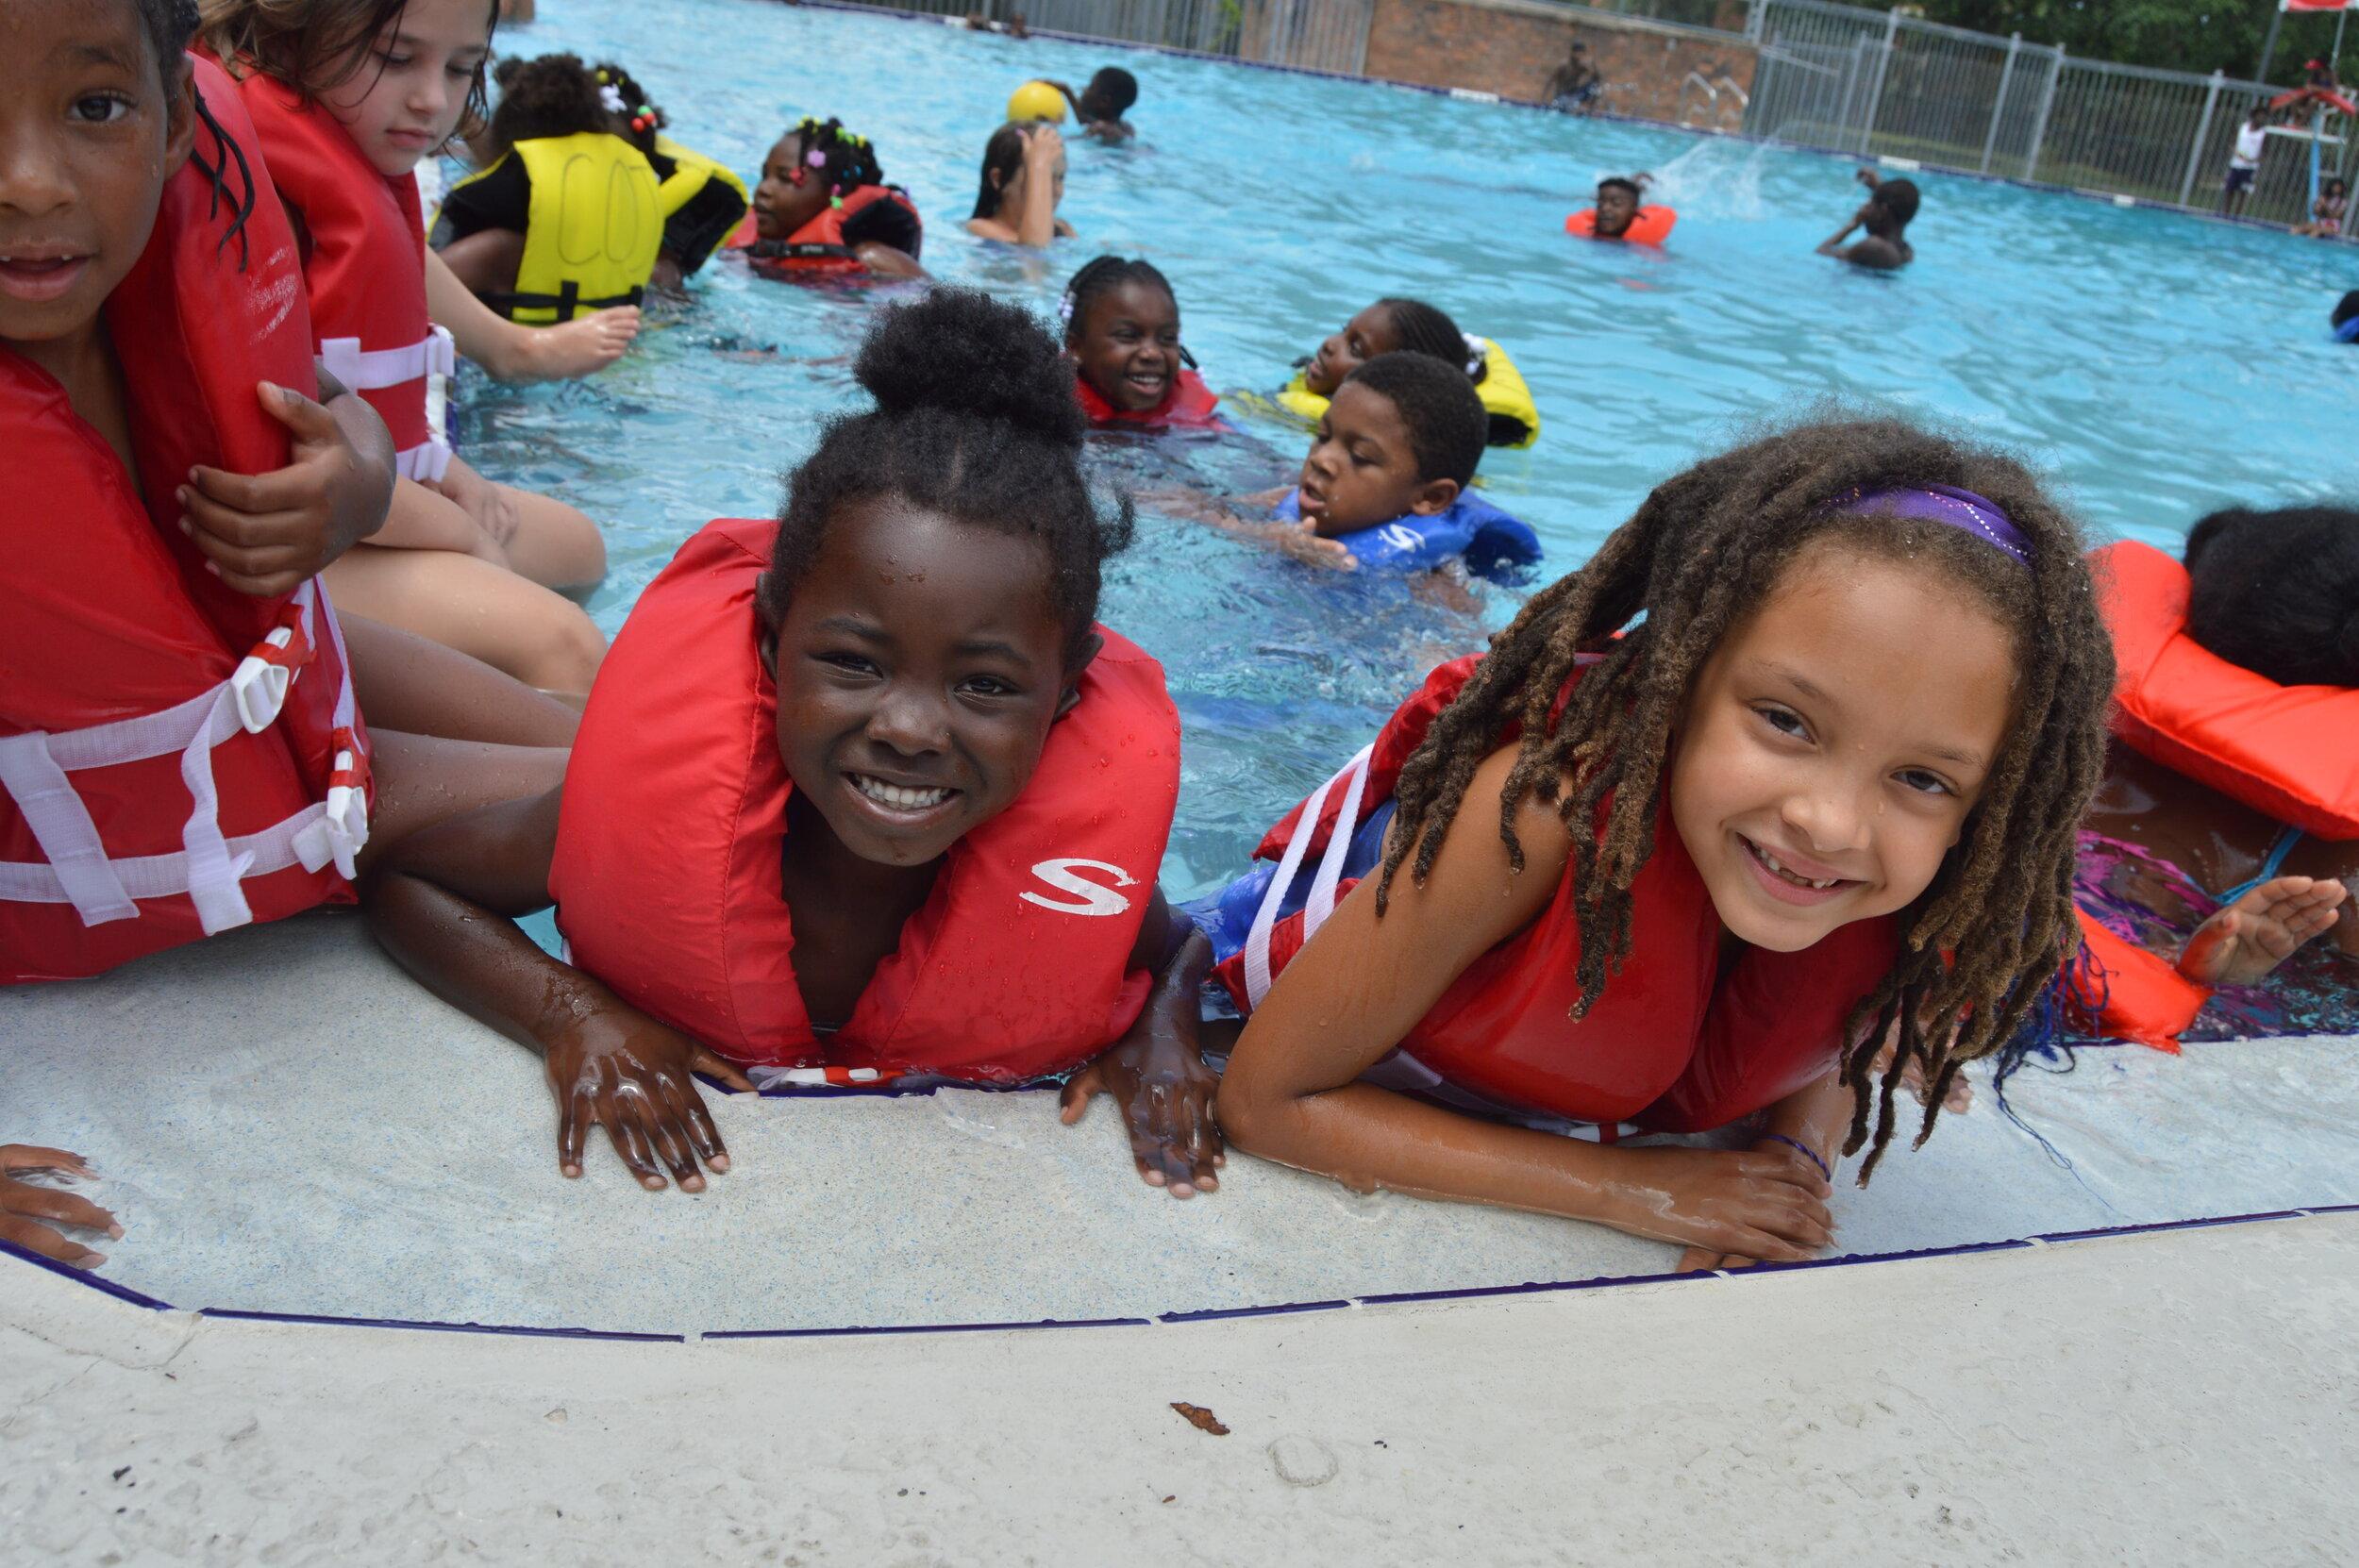 Girls at Pool.JPG